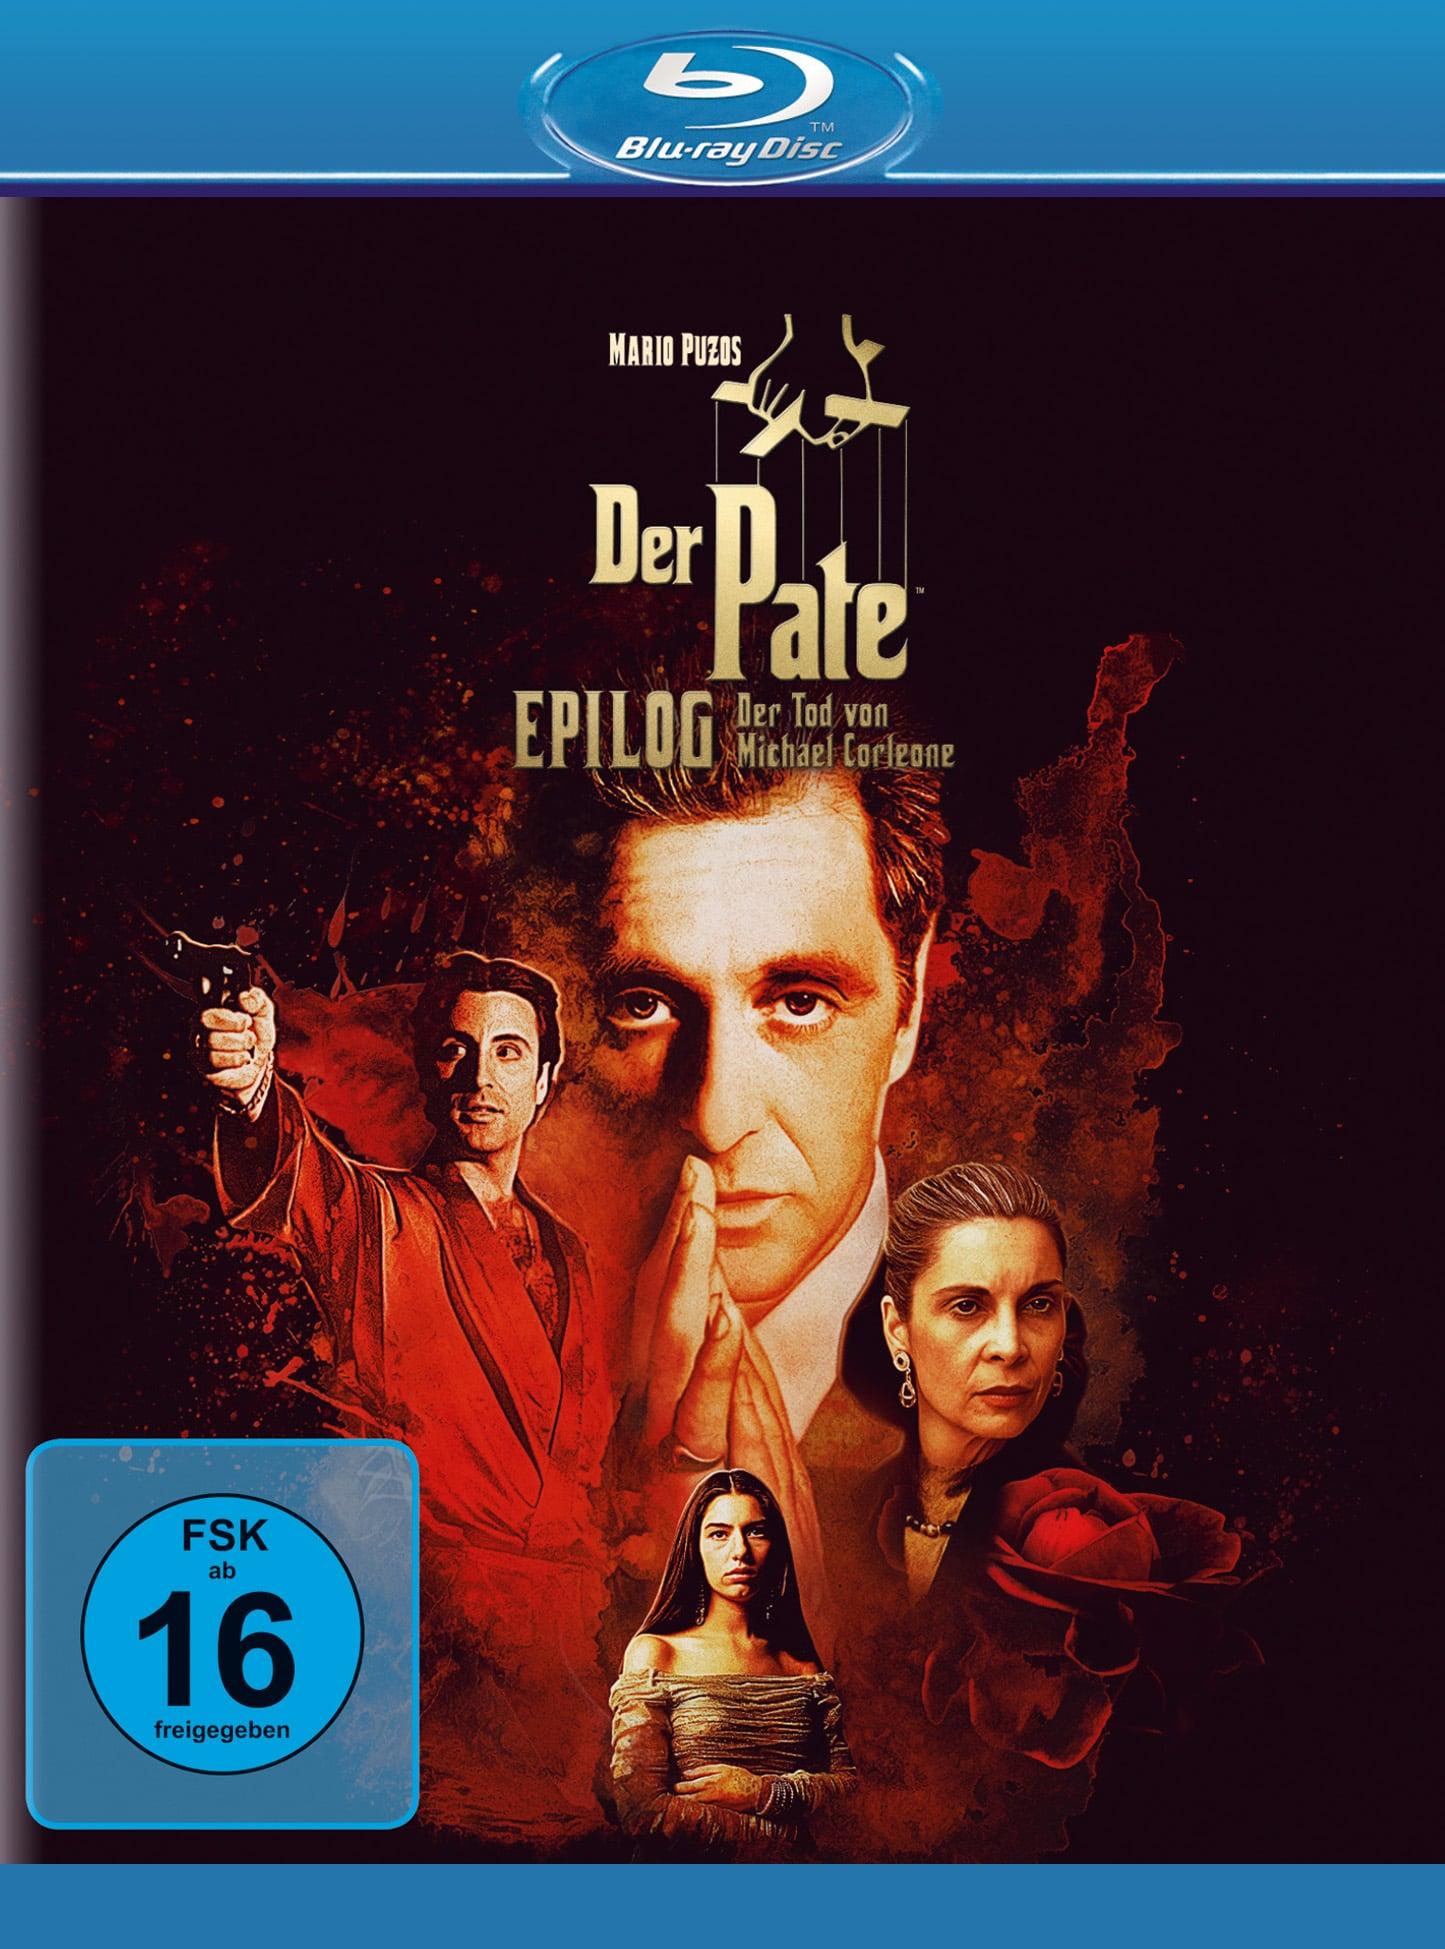 Auf dem Cover von Der Pate Epilog Der Tod von Michael Corleone ist mittig Al Pacino zu sehen, der ausdruckslos geradeaus schaut und sich die Hände reibt. Links von ihm steht Andy Garcia in einem roten Anzug und gezogener Waffe, rechts von Pacino ist Talia Shire mit strenger Zopffrisur und ernstem Blick zu sehen, neben ihr eine Rose. Unter Pacino ist Sofia Coppola in einem weißen Kleid, ebenfalls mit erntem Blick. Im Hintergrund überfärbt ein Blutfleck alle Darsteller.